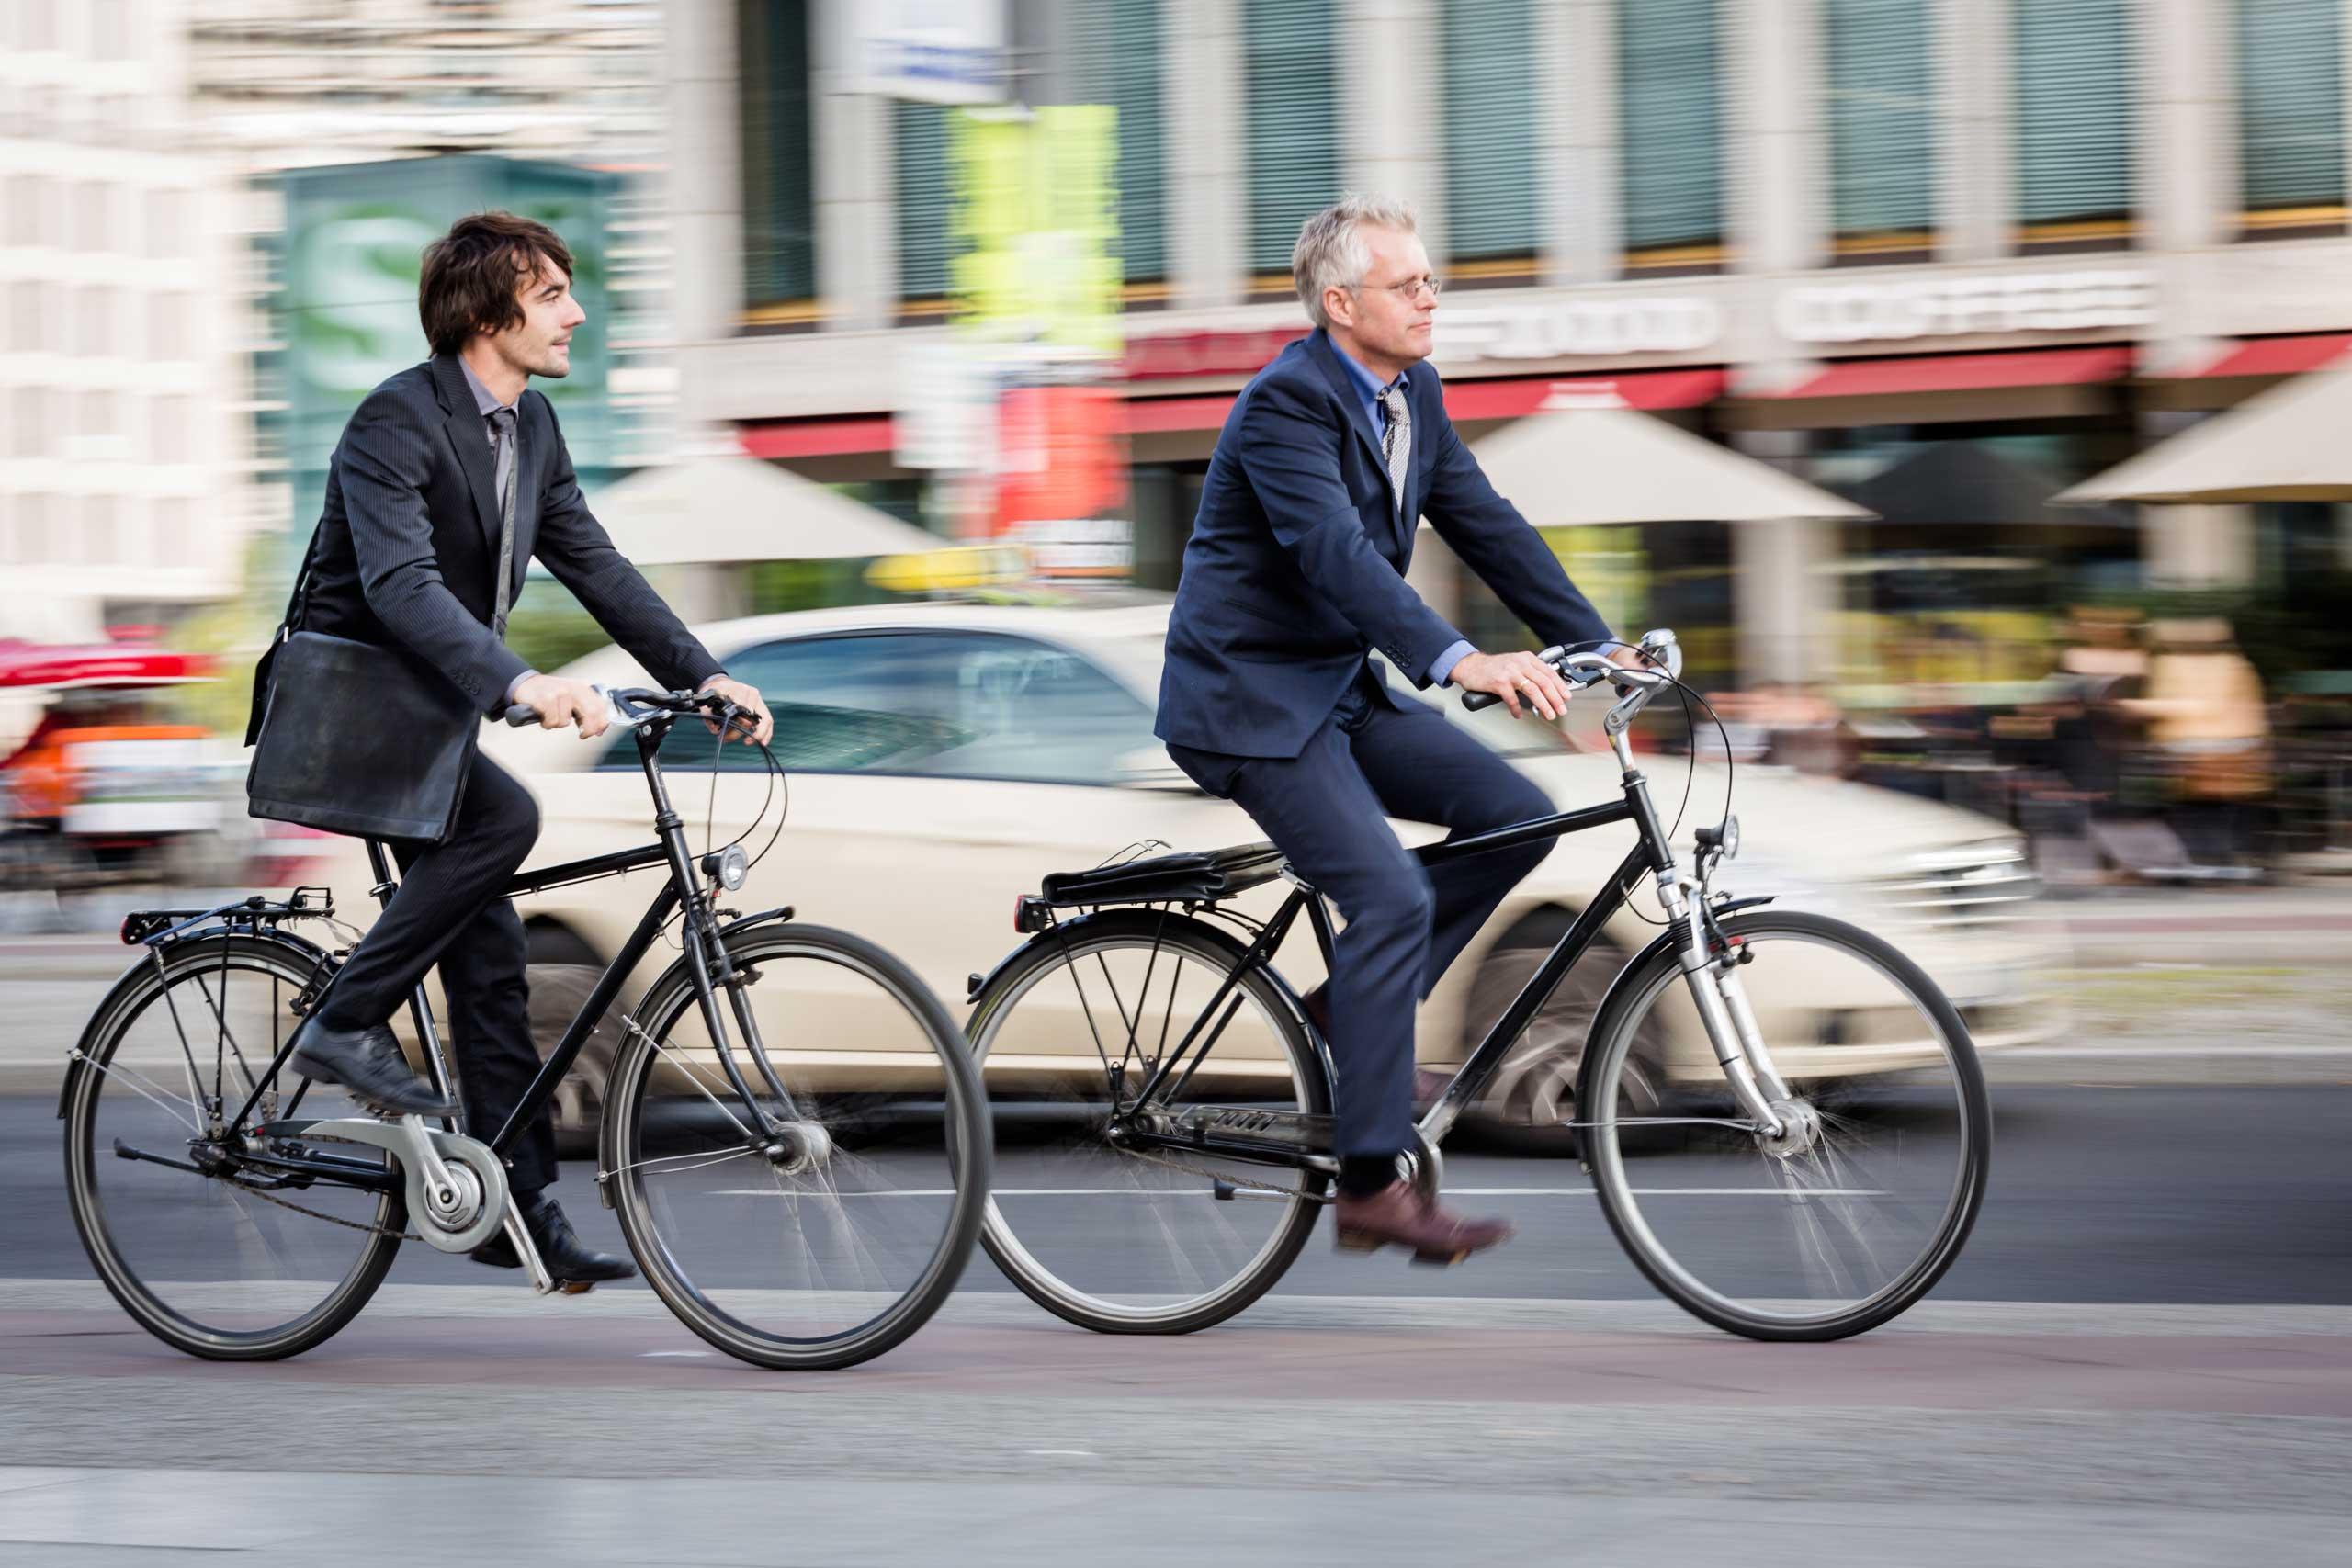 كيف تعمل الدراجة على إطالة العمر؟